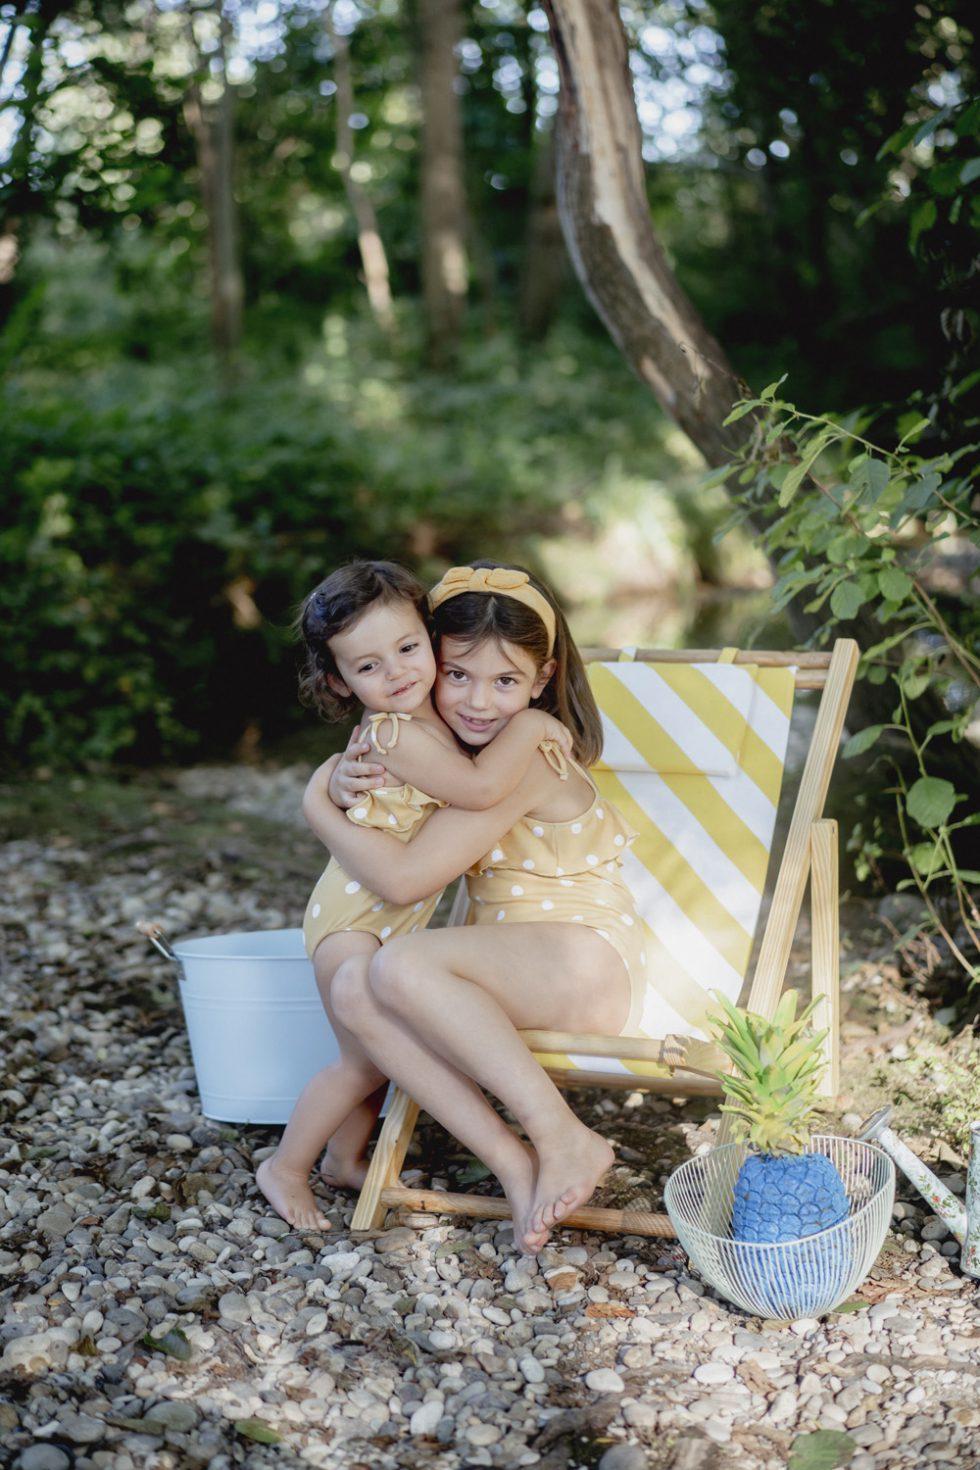 summer_party_lleida_fotos_verano